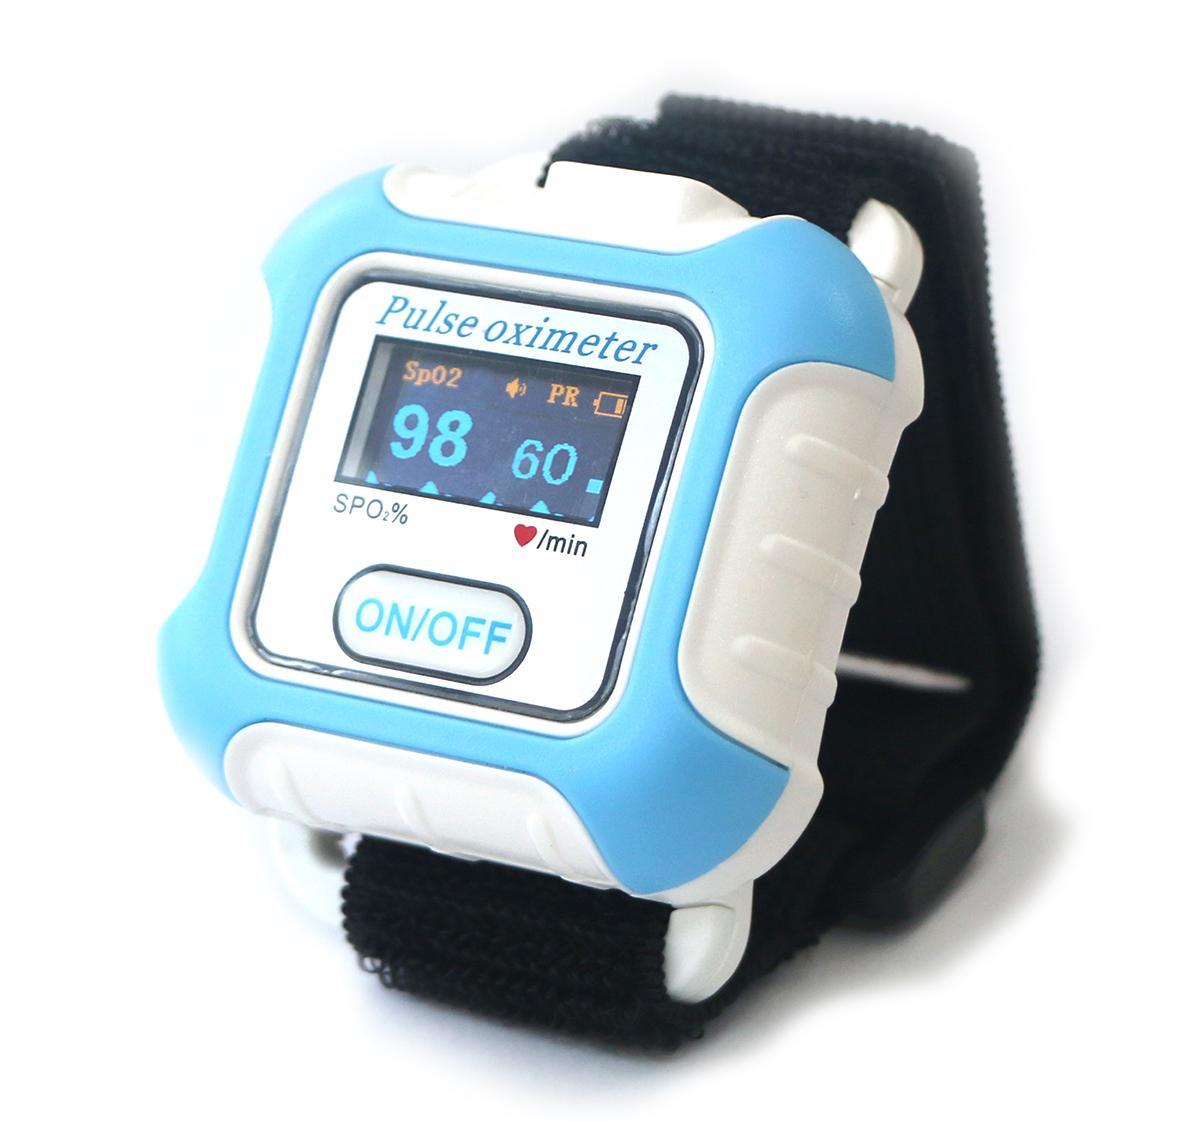 诊断睡眠呼吸暂停医学CE批准蓝牙手腕脉搏血氧仪 1